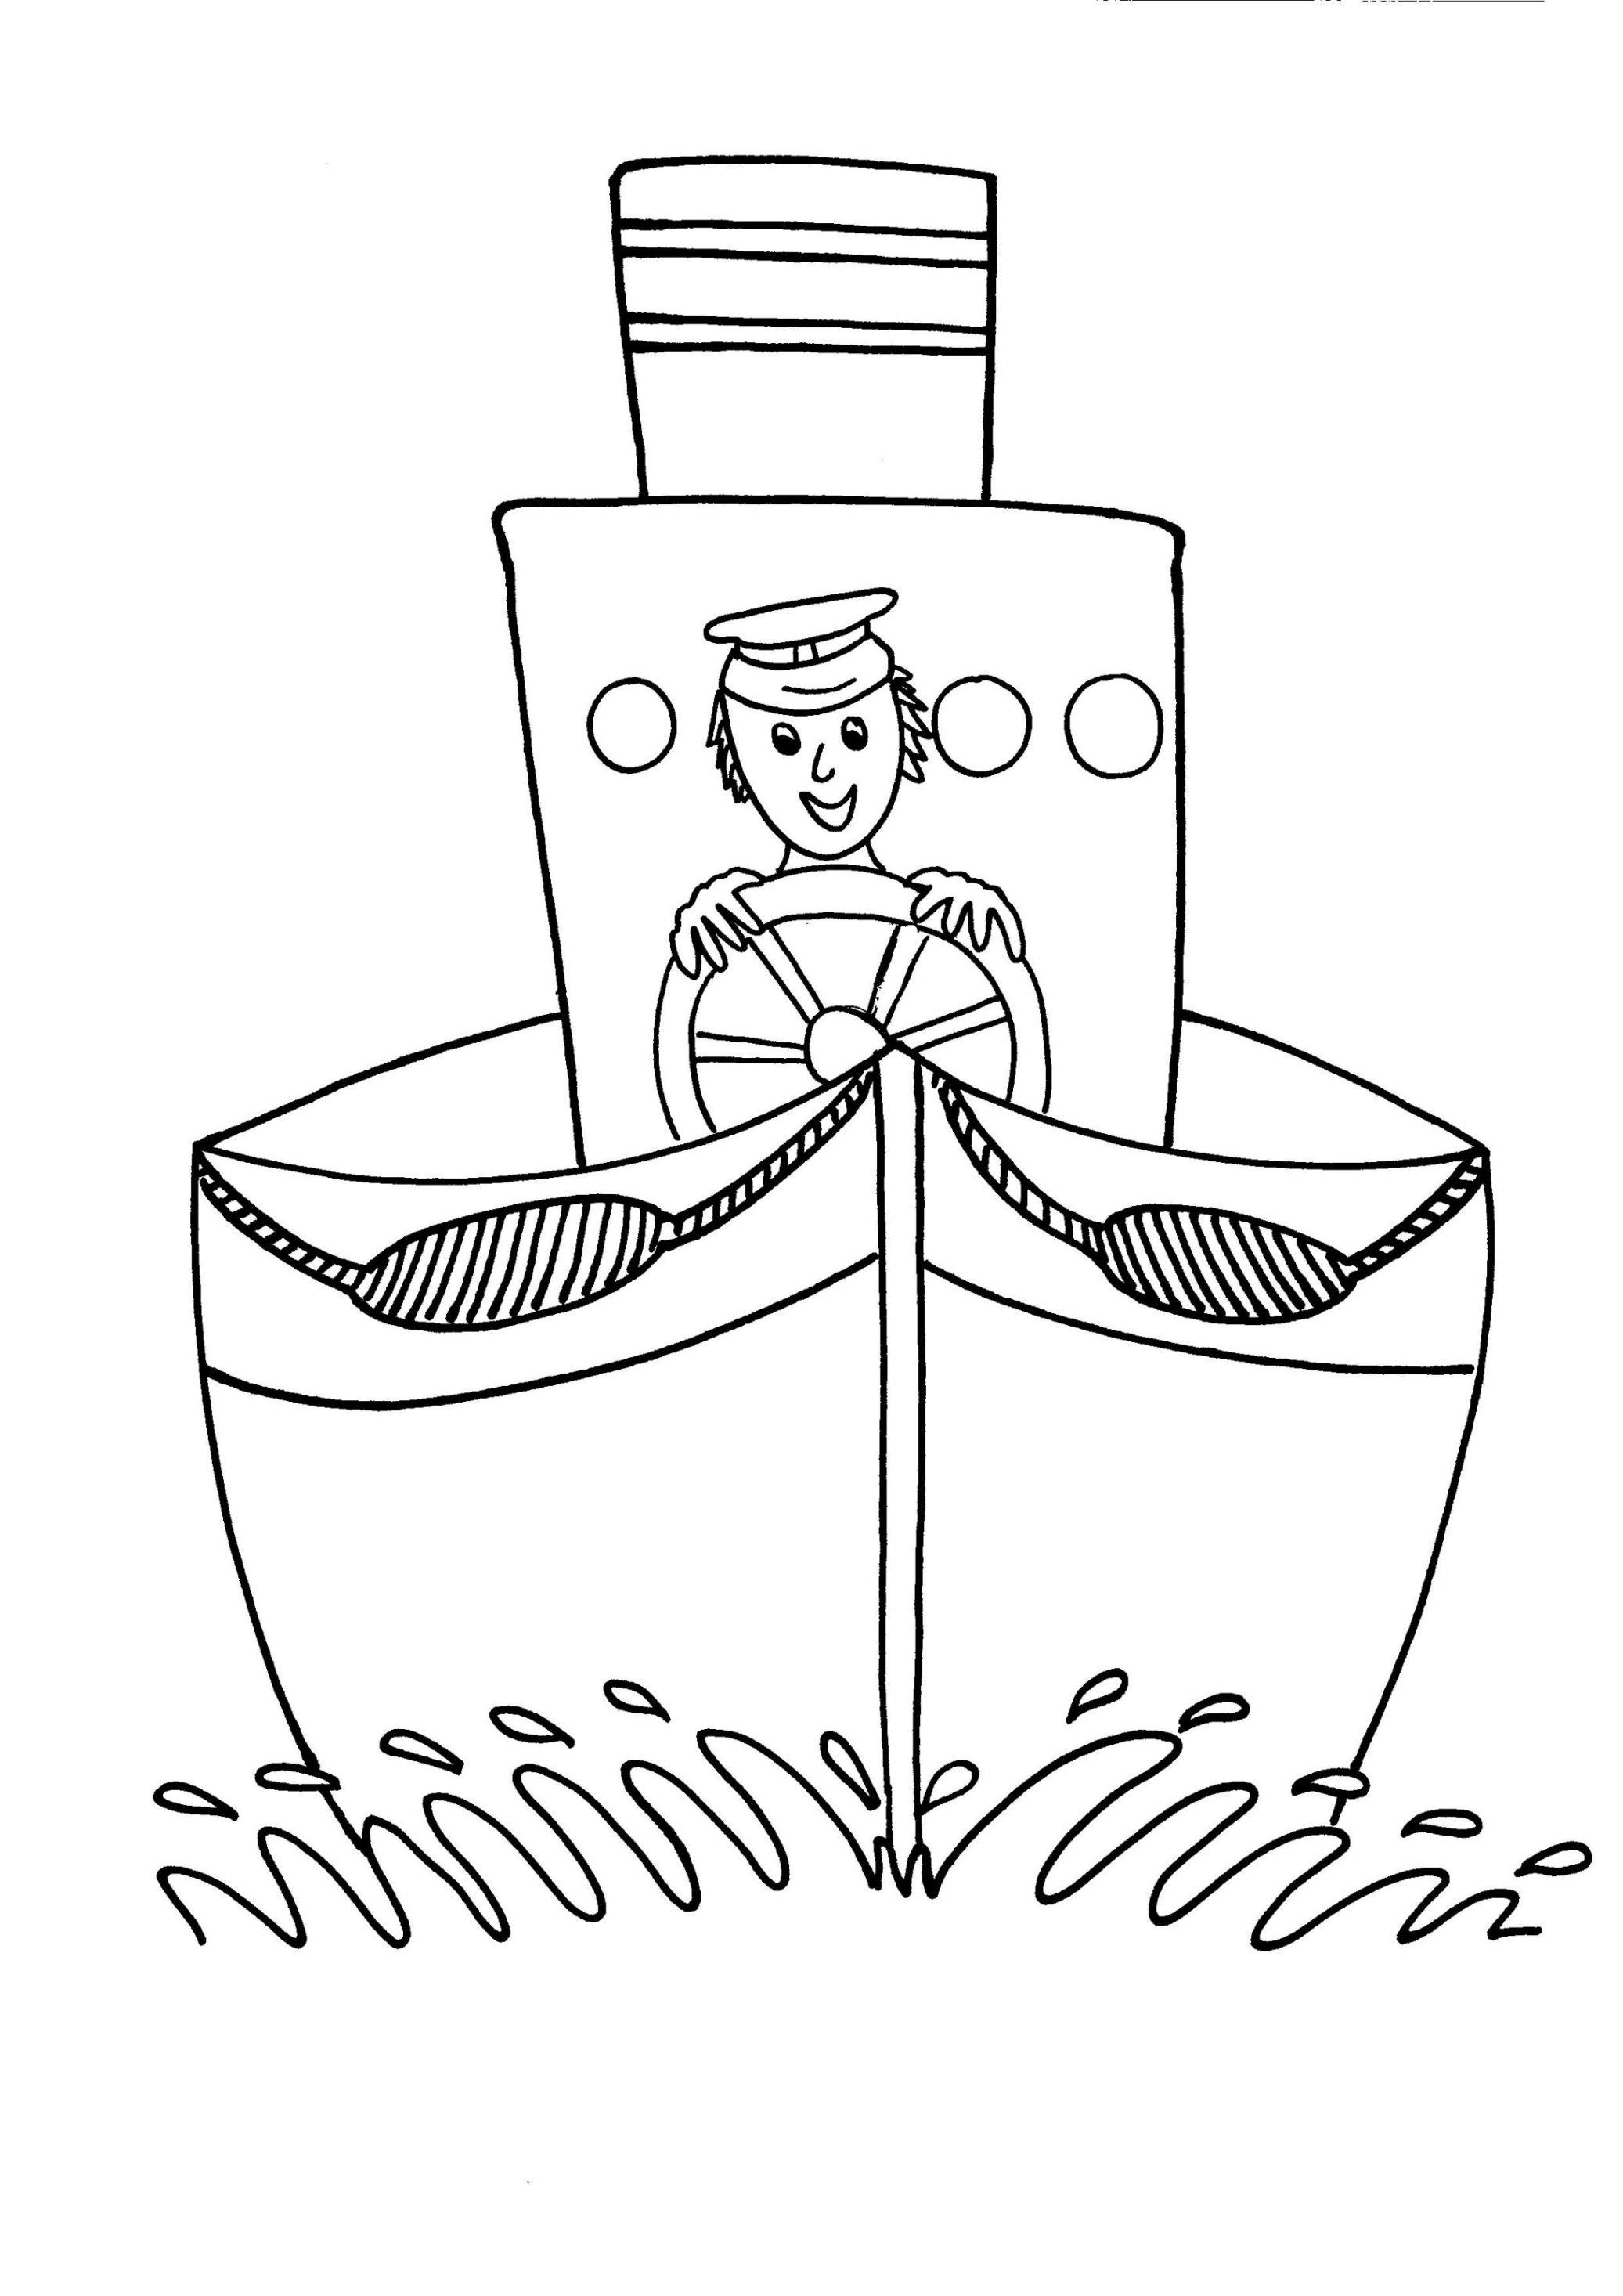 Playmobil Ausmalbilder Kreuzfahrtschiff : Ziemlich Schiff Malvorlagen Zum Ausdrucken Ideen Malvorlagen Von